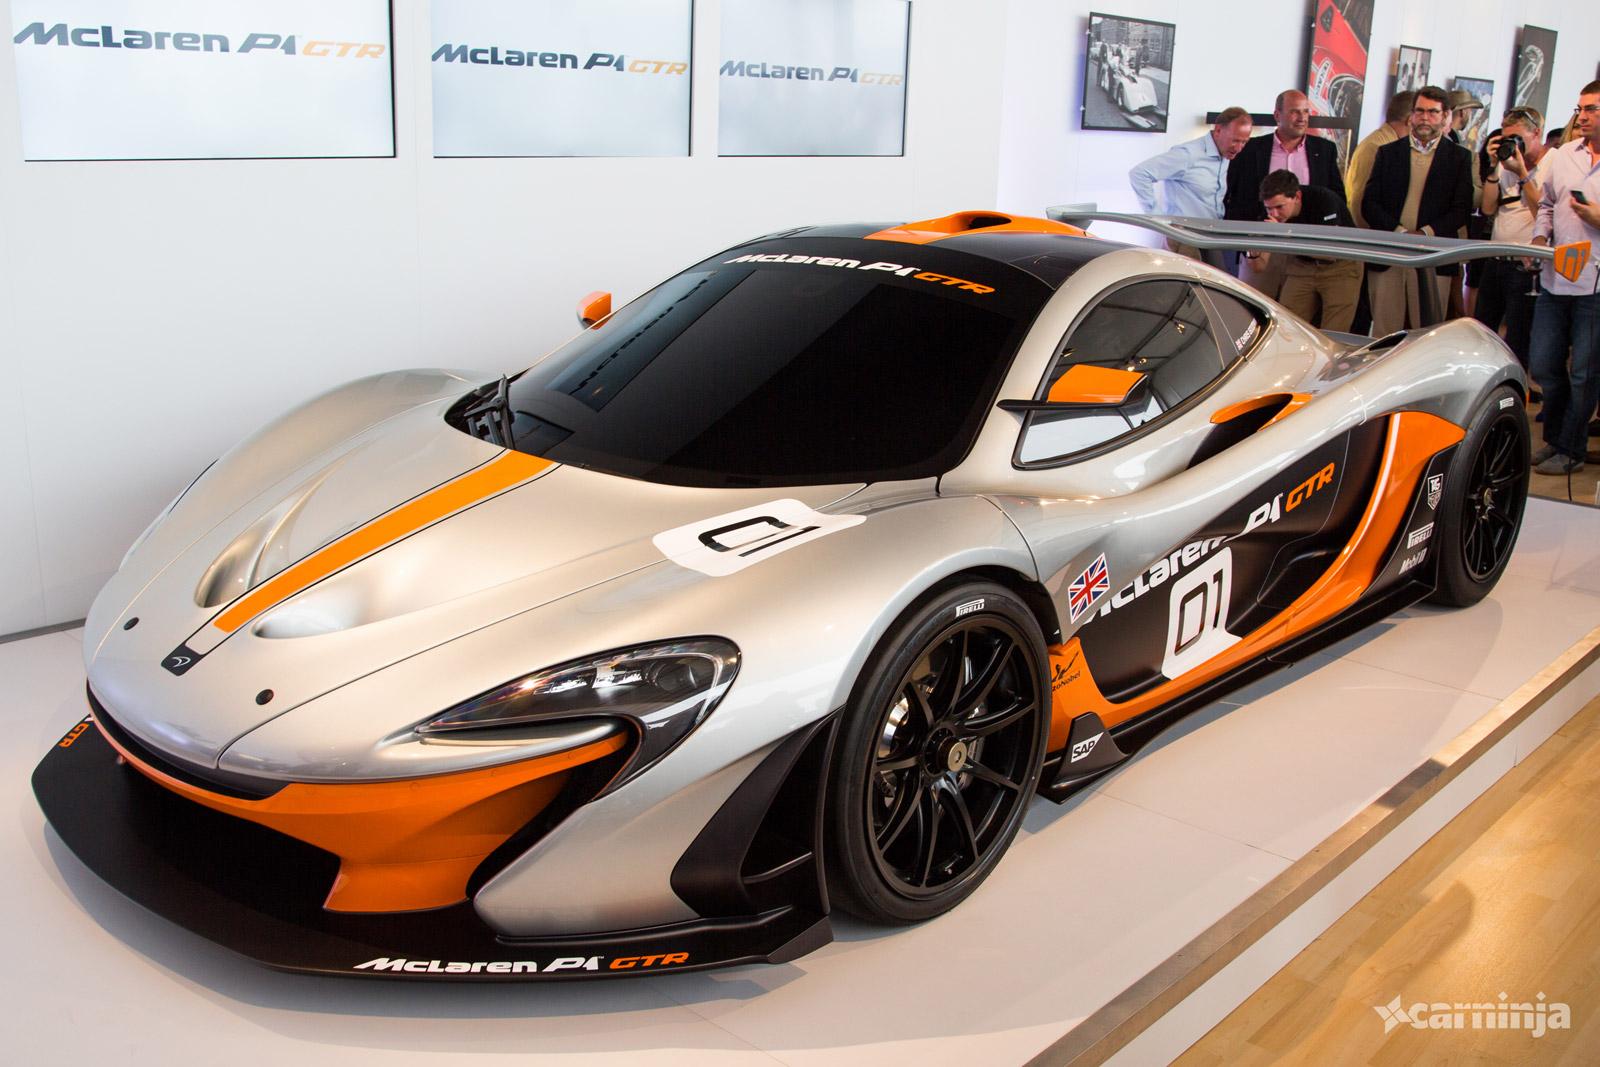 McLaren P1 GTR: 2014 Pebble Beach Concours Live Photos